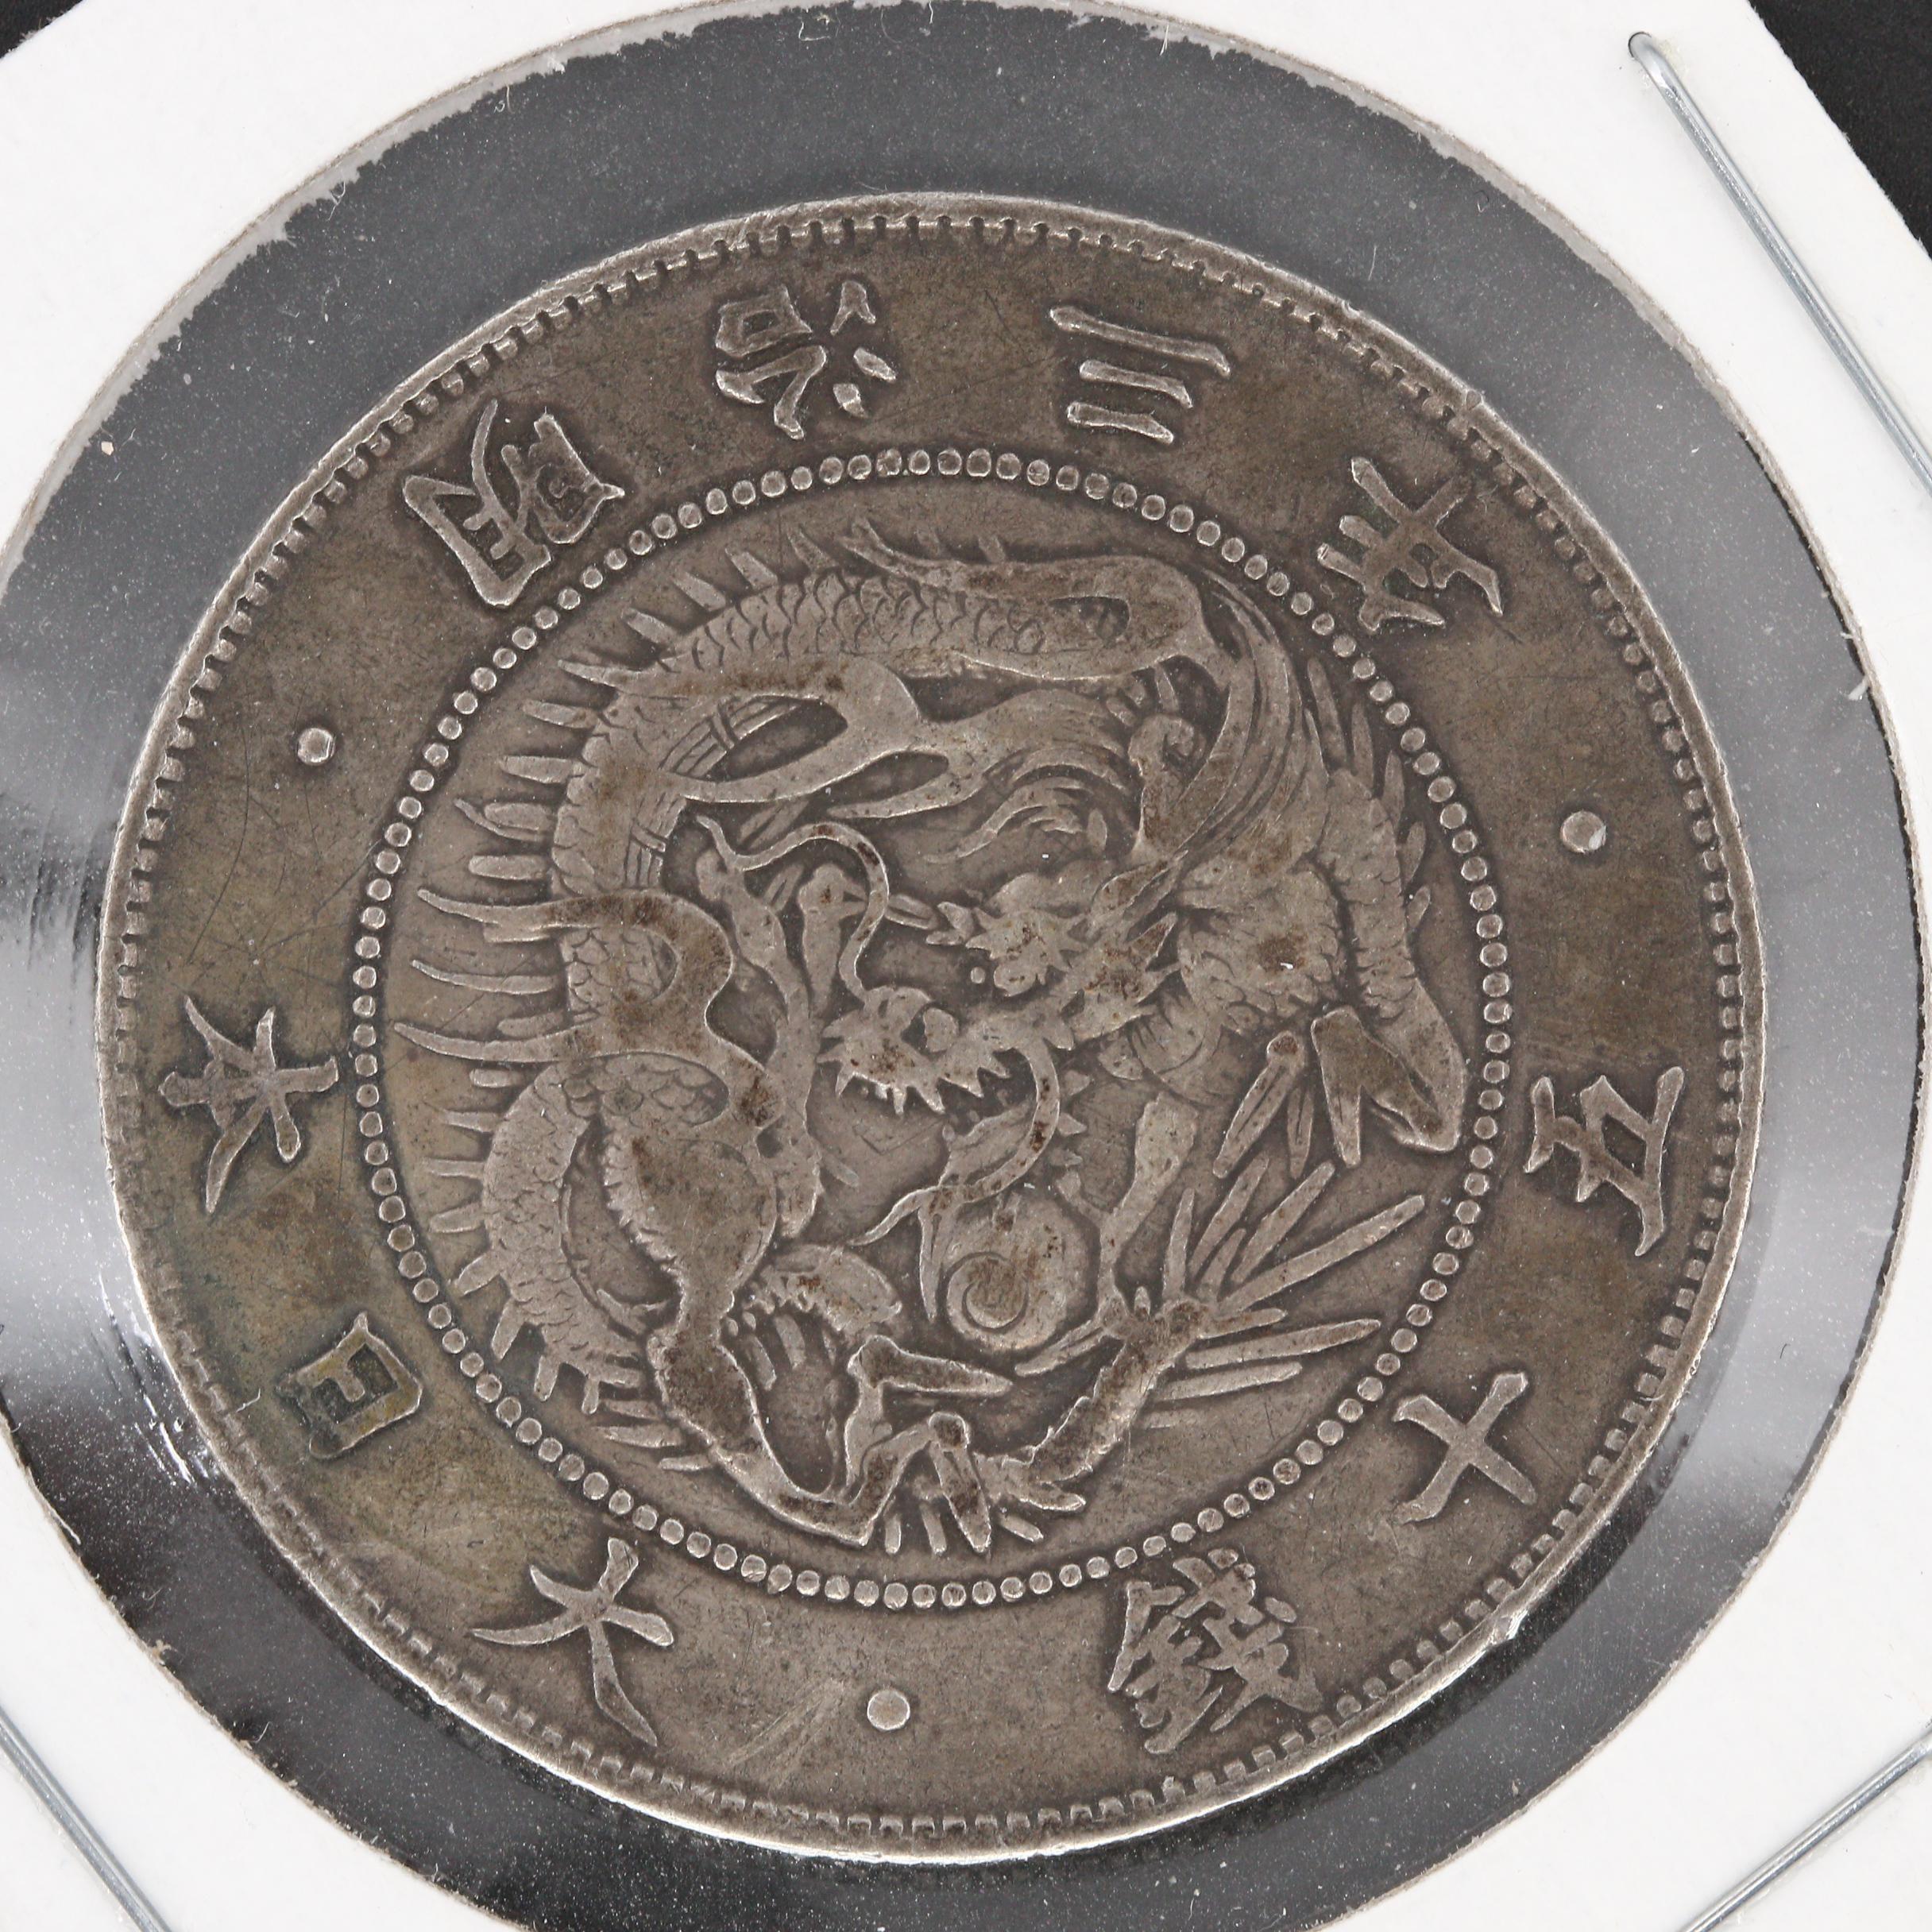 1870 Japan 50 Sen Silver Coin